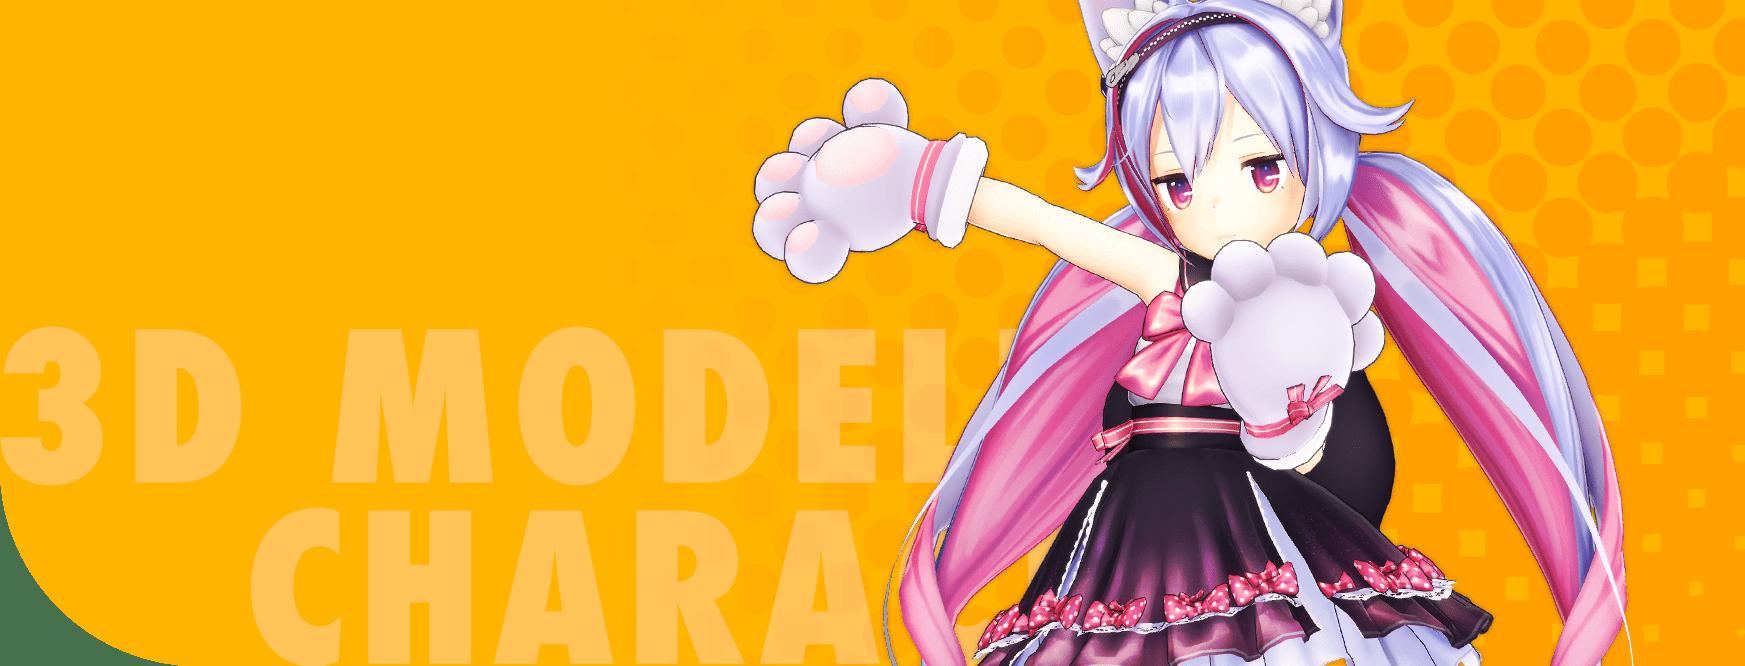 メインビジュアル:3Dキャラクターモデリング